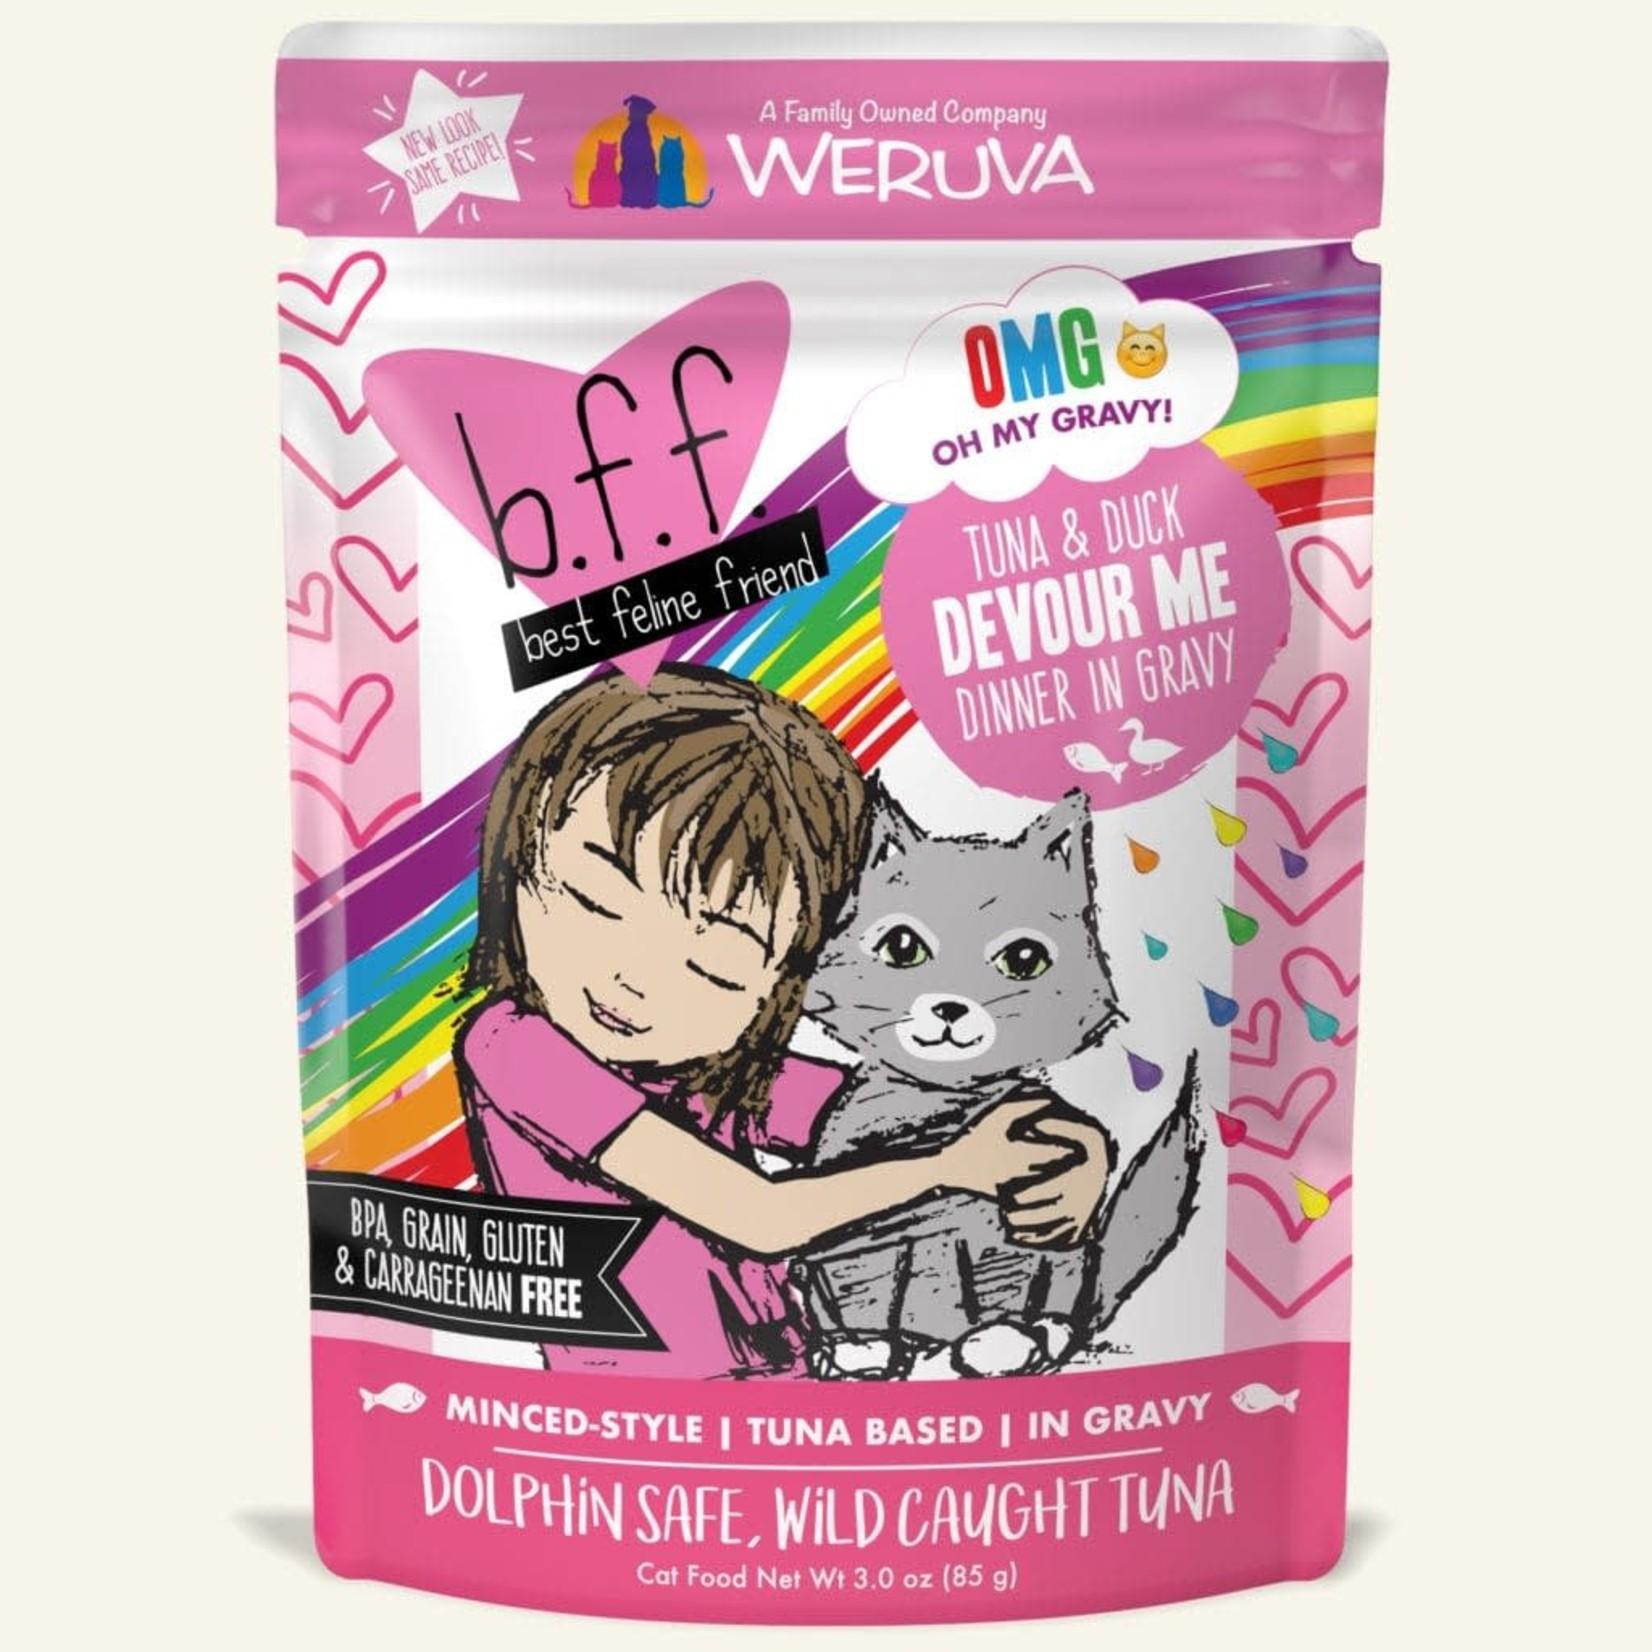 Weruva Inc. BFF OMG Cat Tuna & Duck Devour Me 3 OZ Pouch